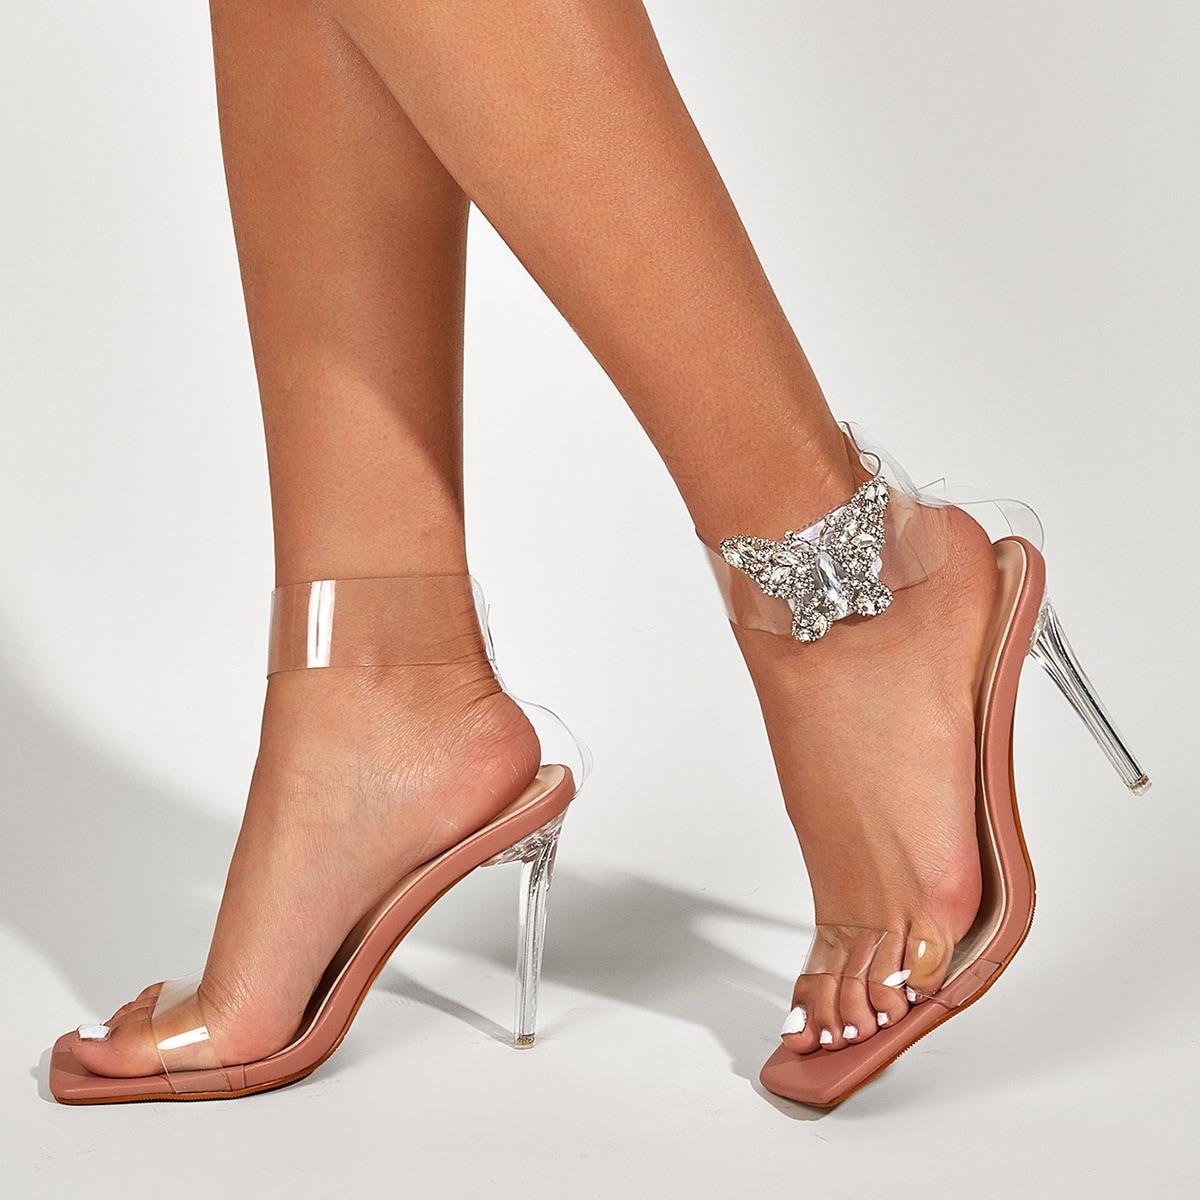 Прозрачные сандалии на шпильках с бабочкой